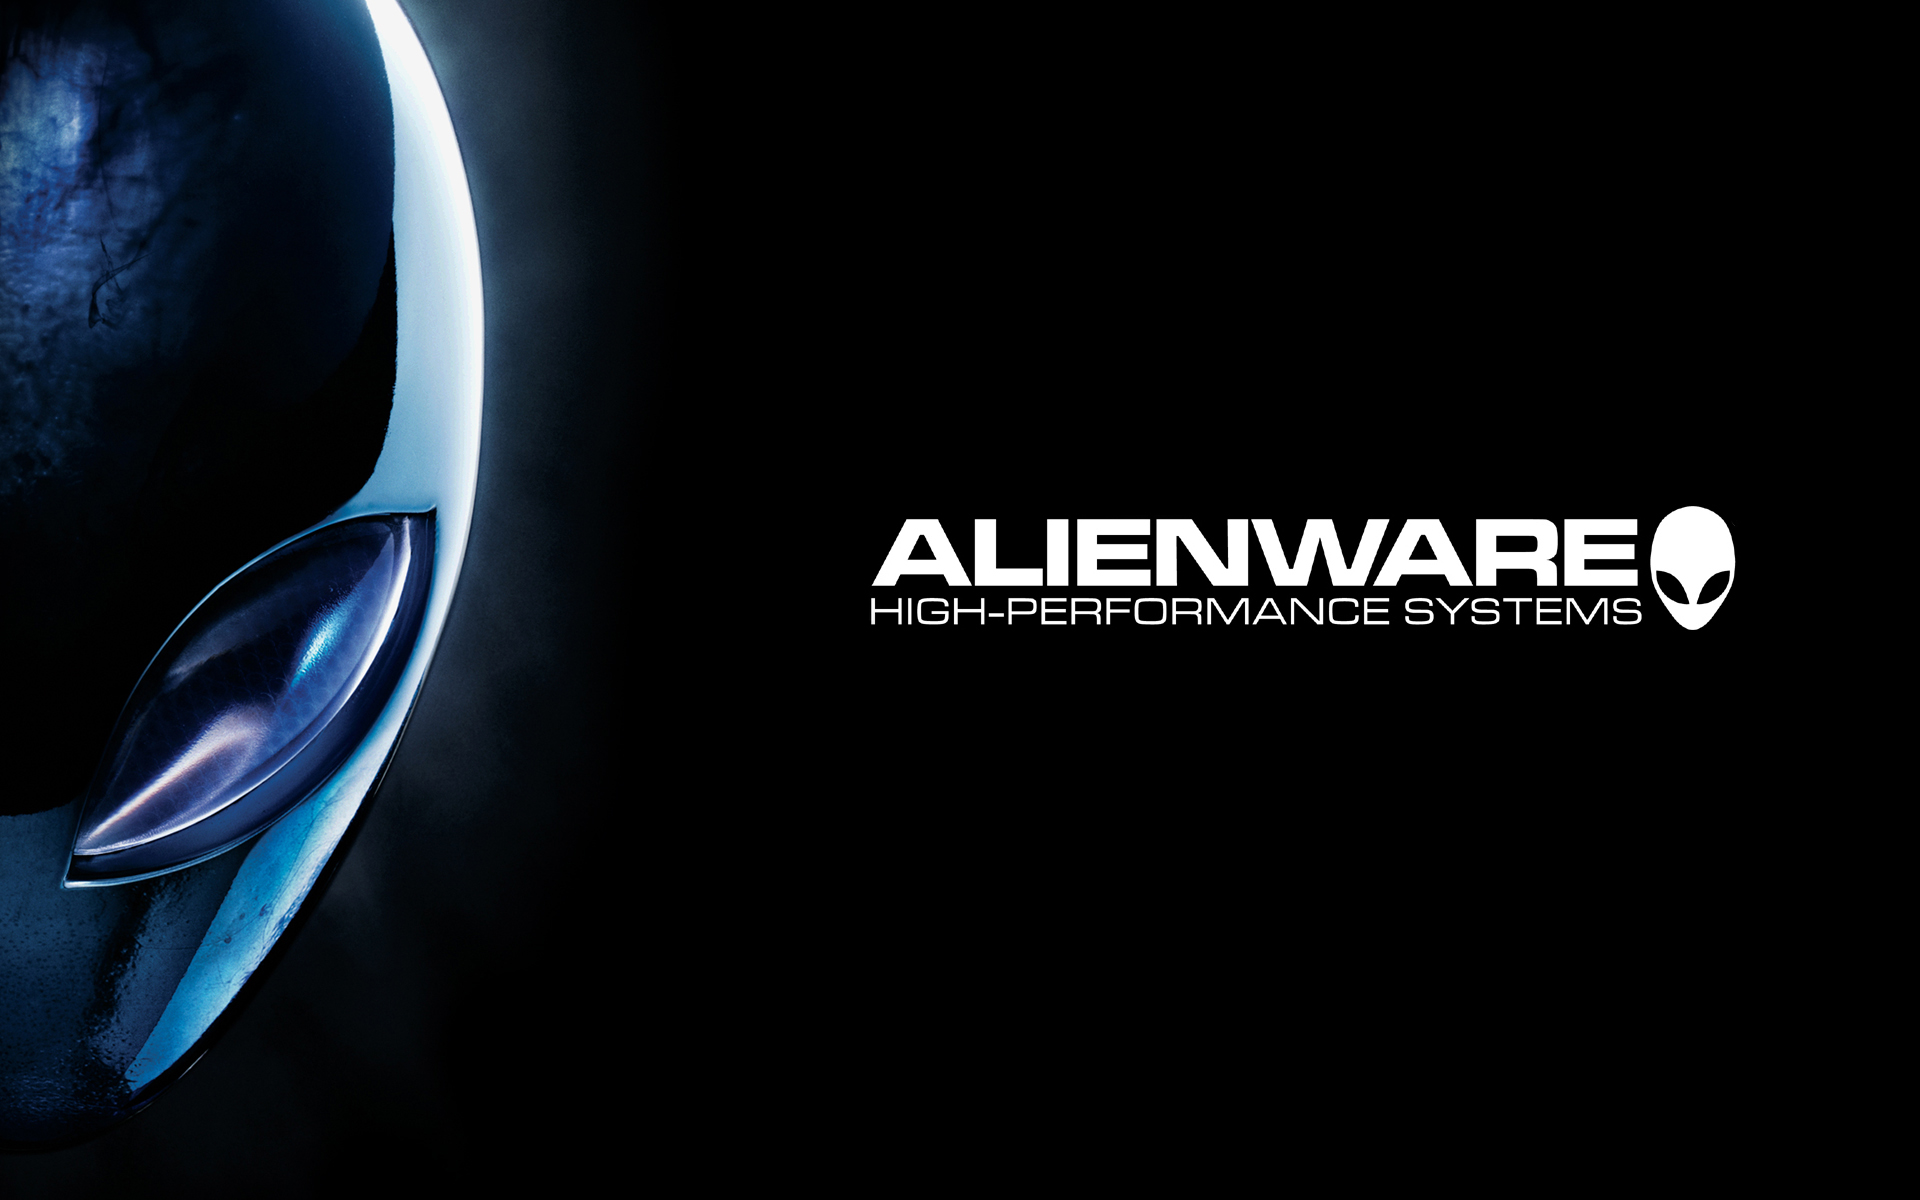 alienware wallpaper 4290